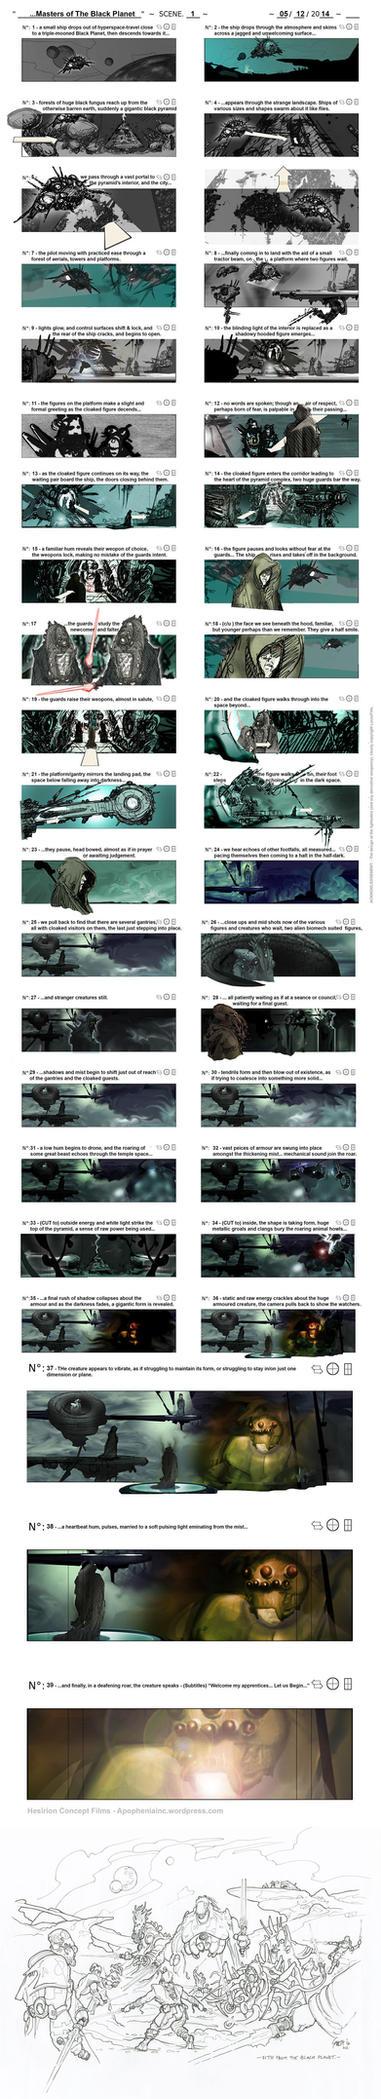 Black Planet - Storyboard 001 by hesir